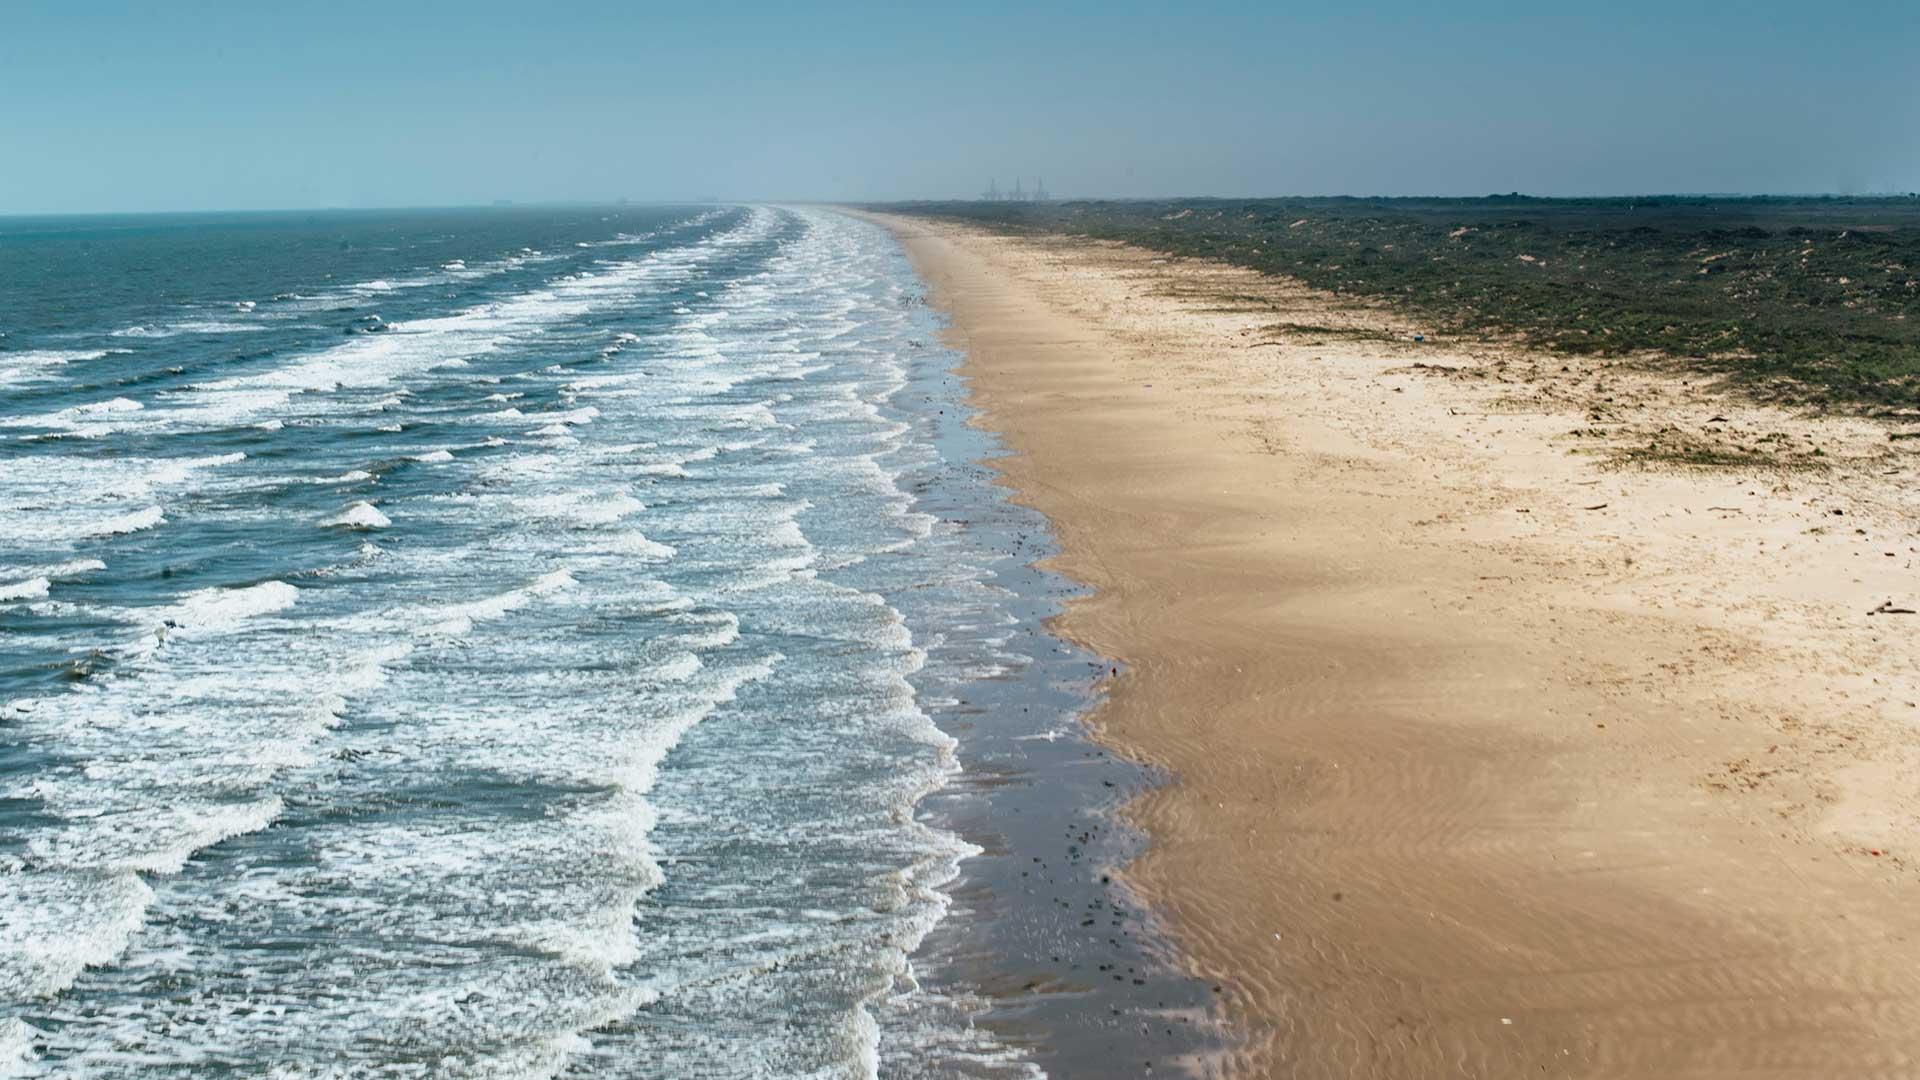 Остров Саус-Падре, Техас (Побережье Мексиканского Залива)